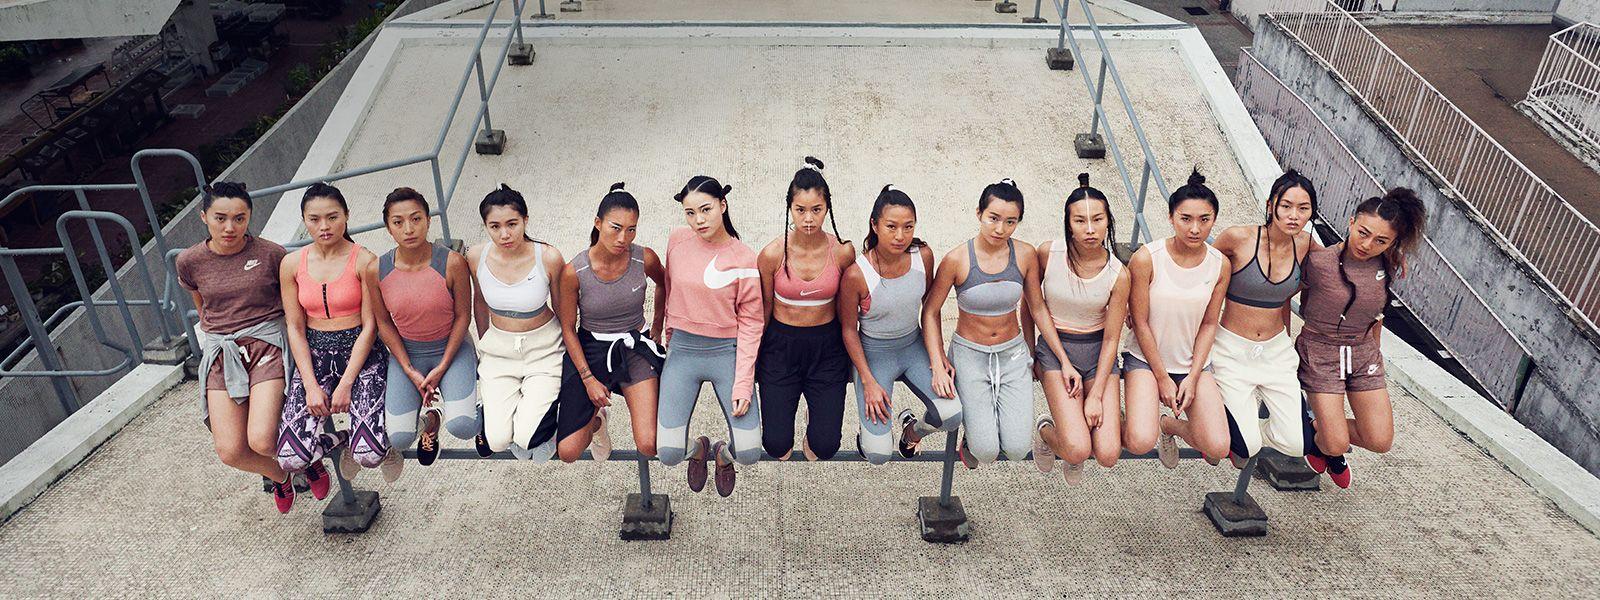 Your new favorite sportswear is in millennial pink